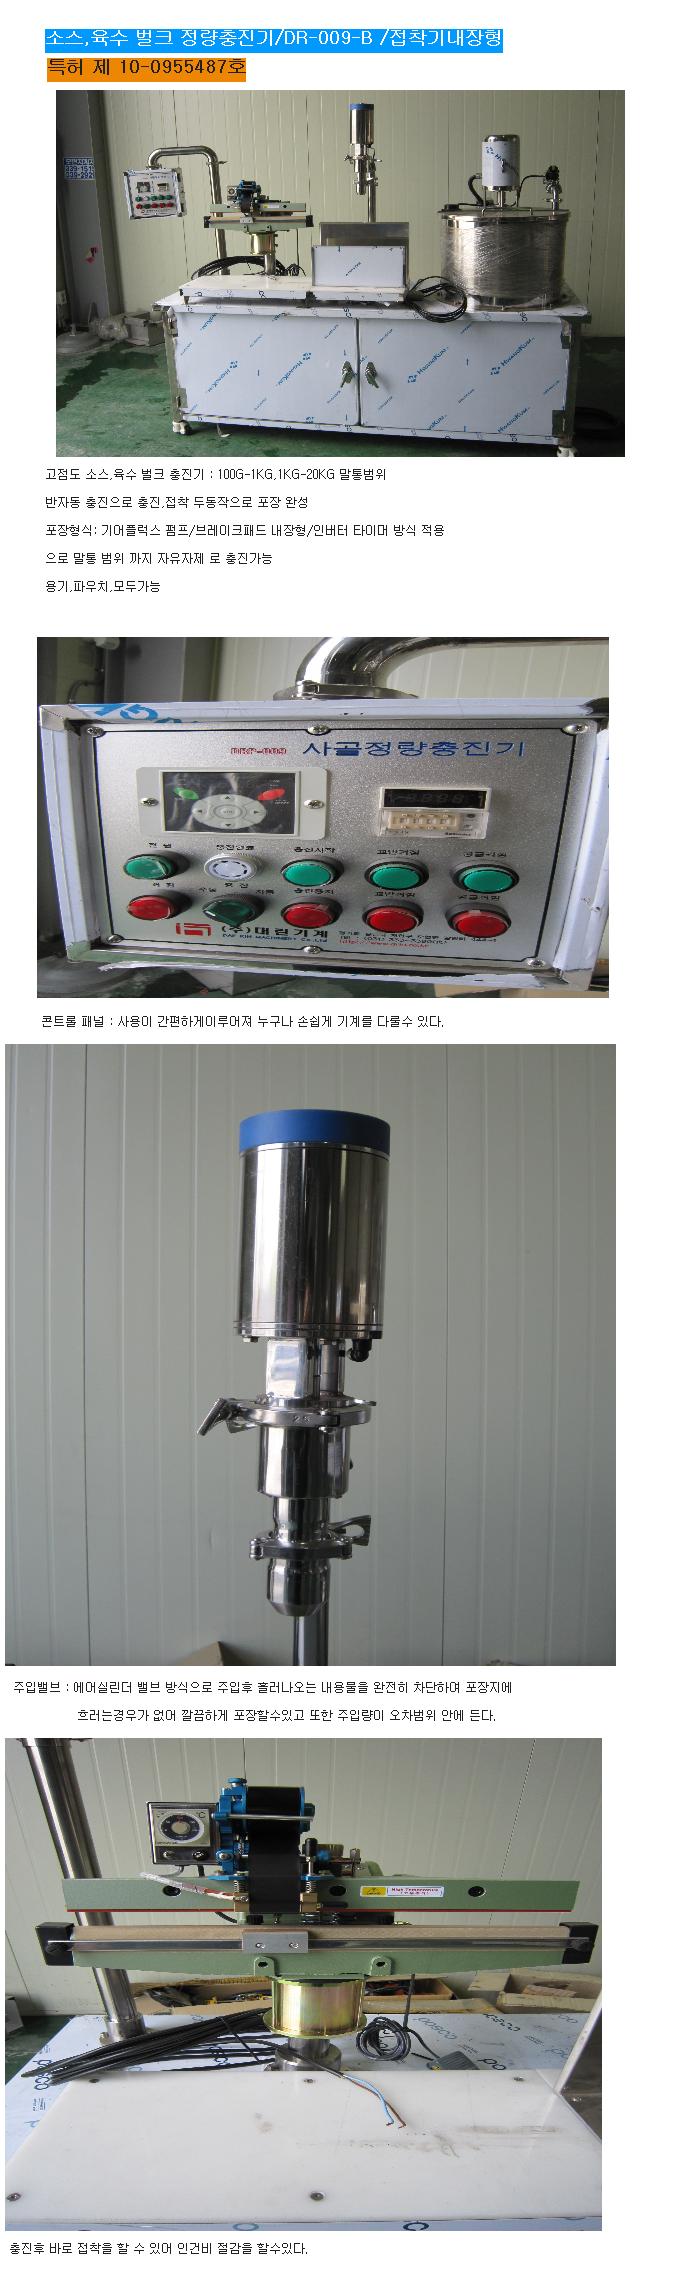 (주)대린기계 고점도 소스충진기 DRP-009A/B